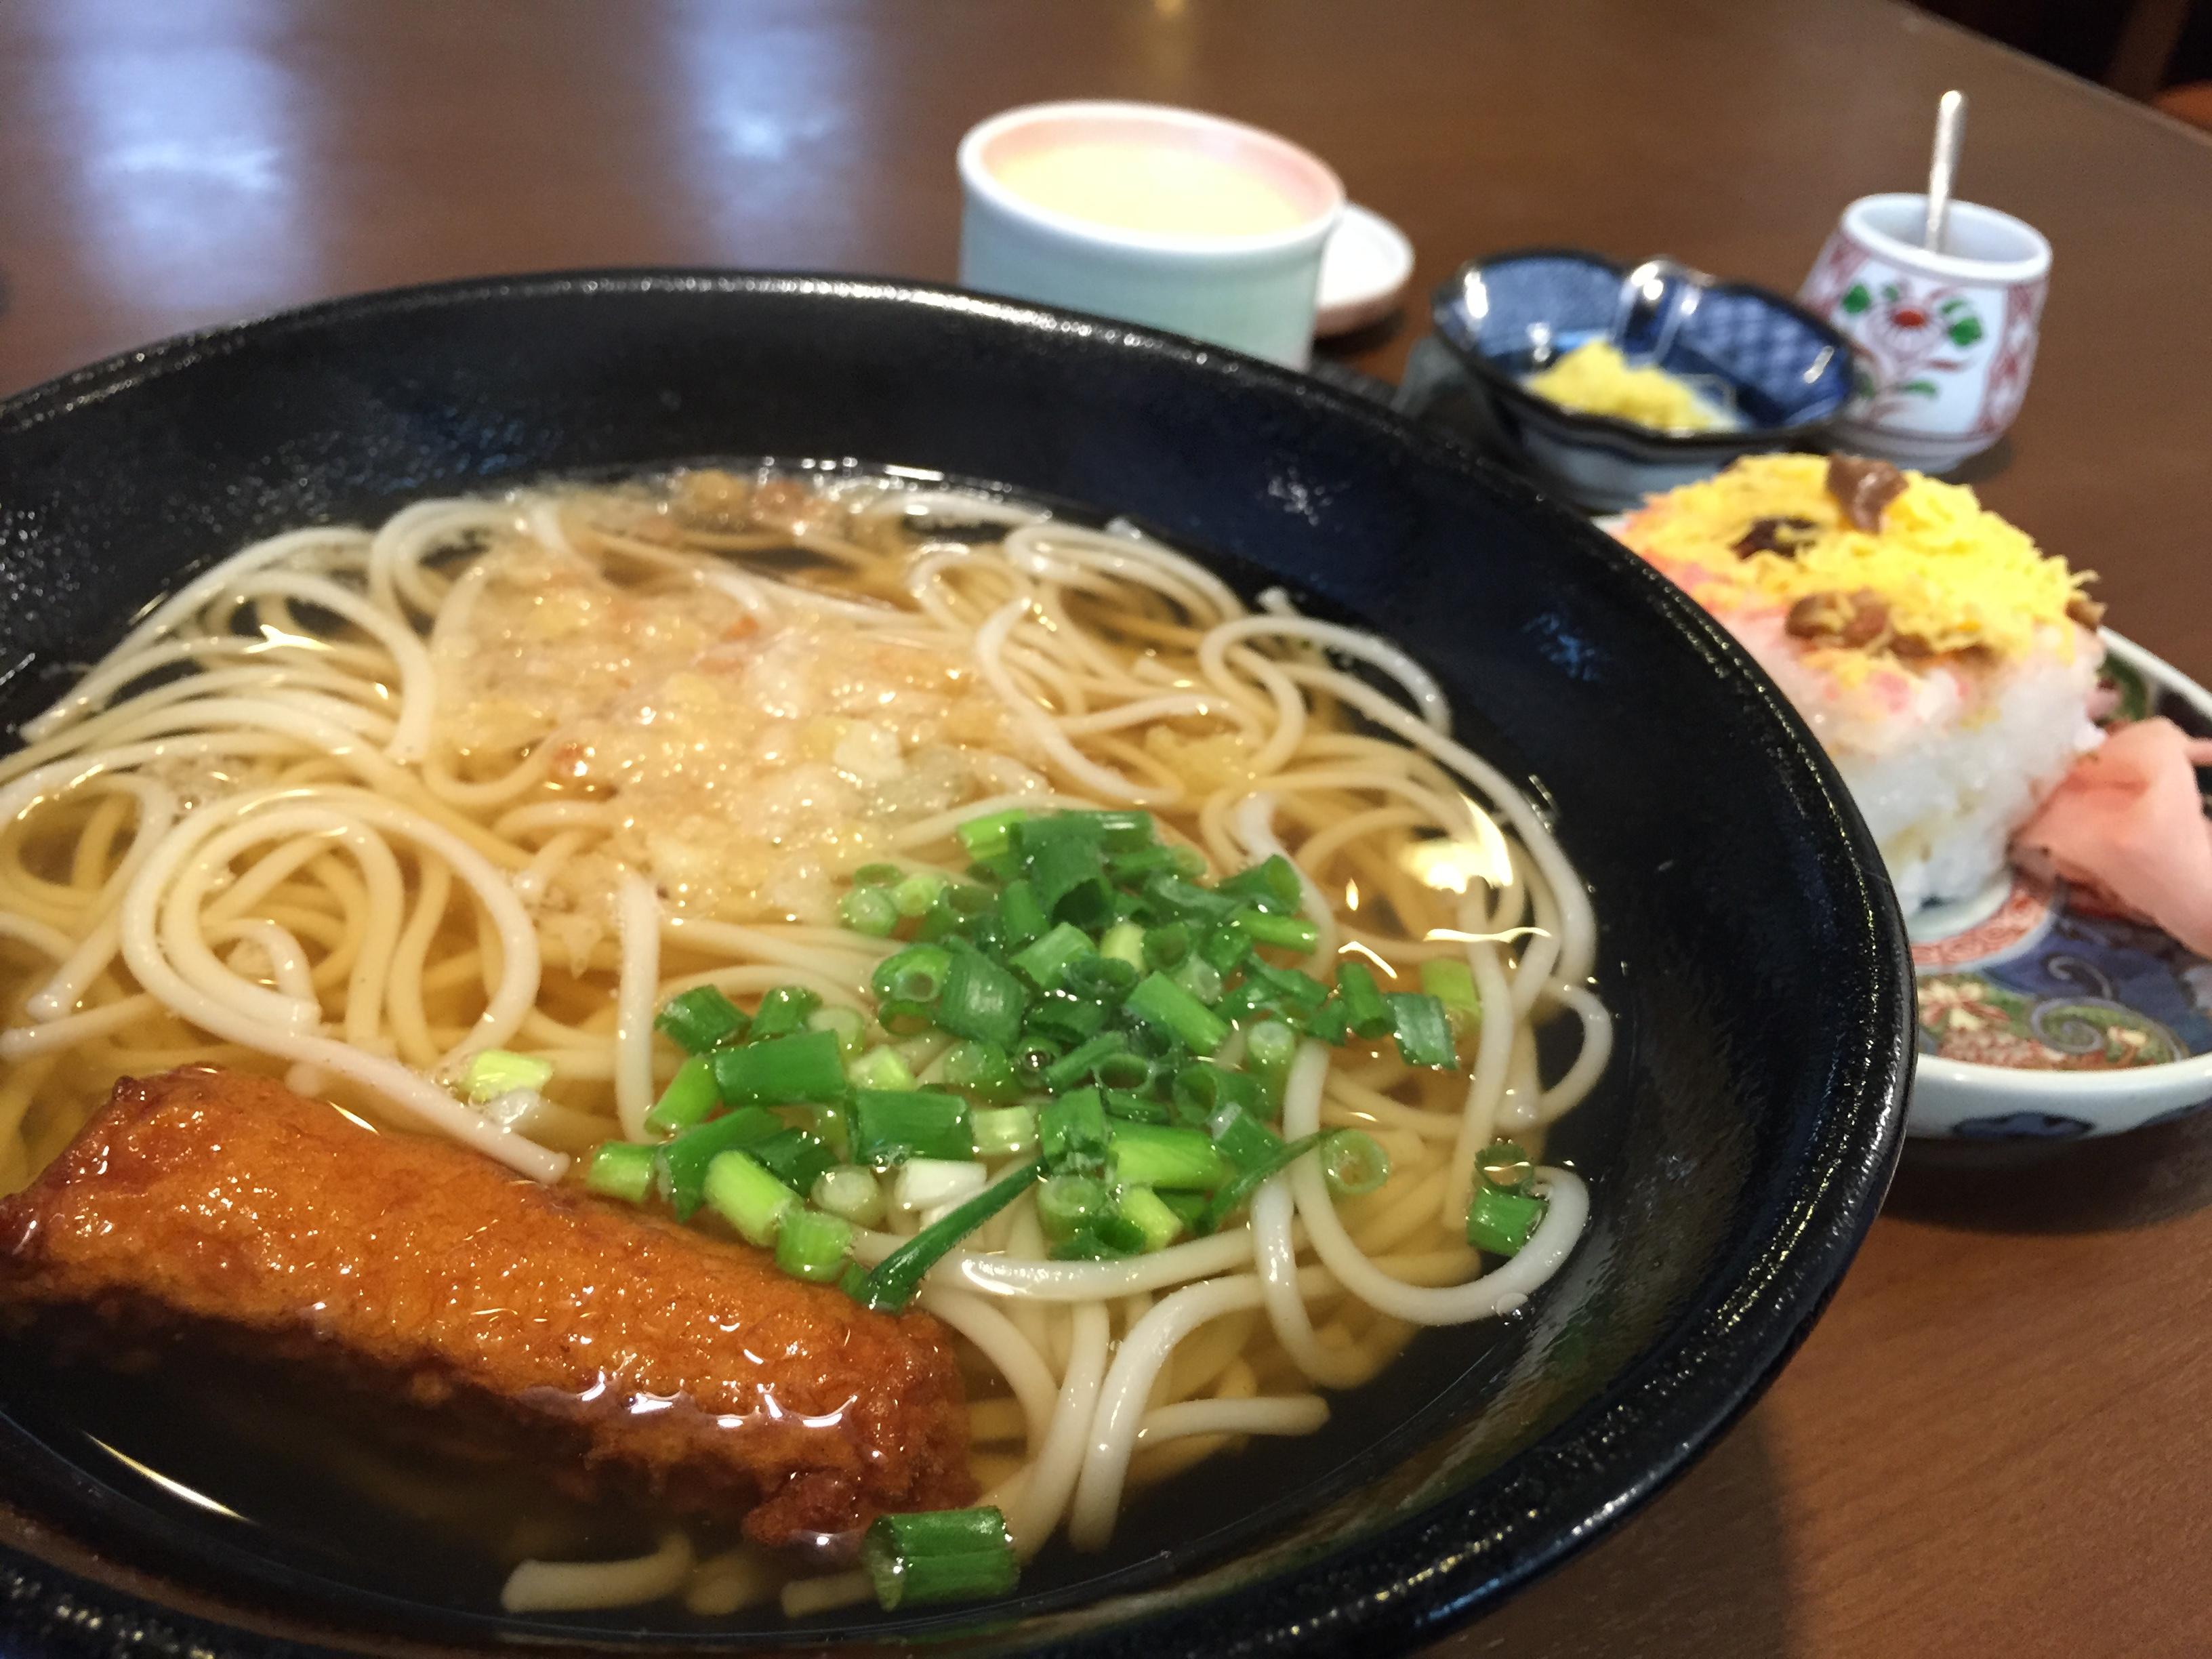 【長崎庵】五島うどんを食べてばらかもんの風を感じる